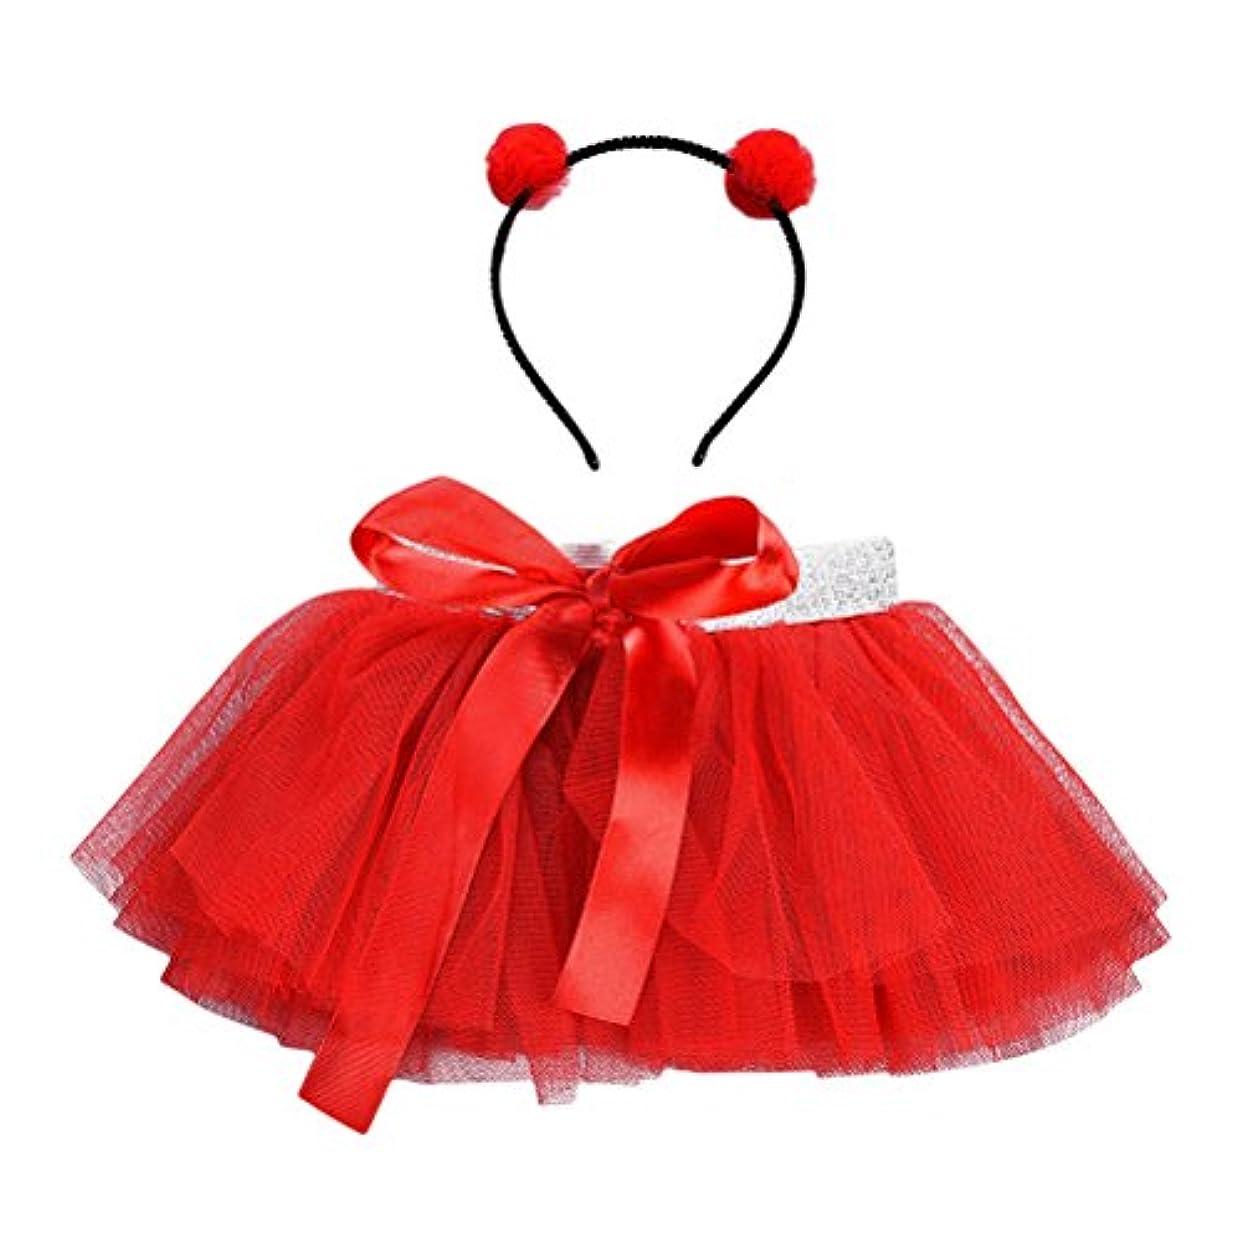 屋内でつかむ壊すLUOEM 女の子TutuスカートセットヘッドバンドプリンセスガールTutuの服装赤ちゃん女の子Birthday Outfit Set(Red)